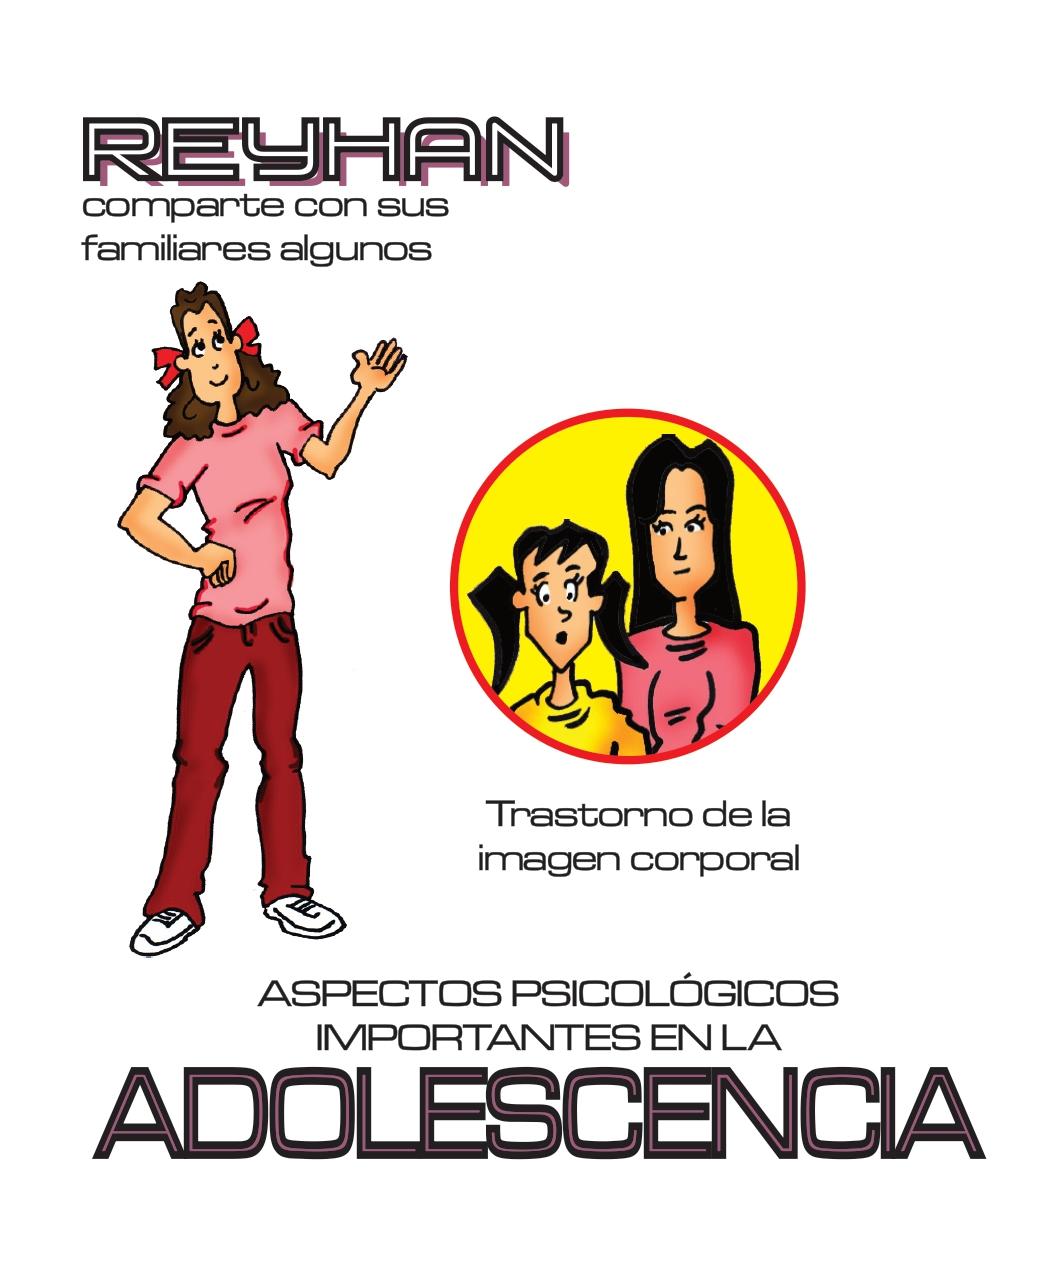 Psicología padres Reyhan cap2 digital_page-0004